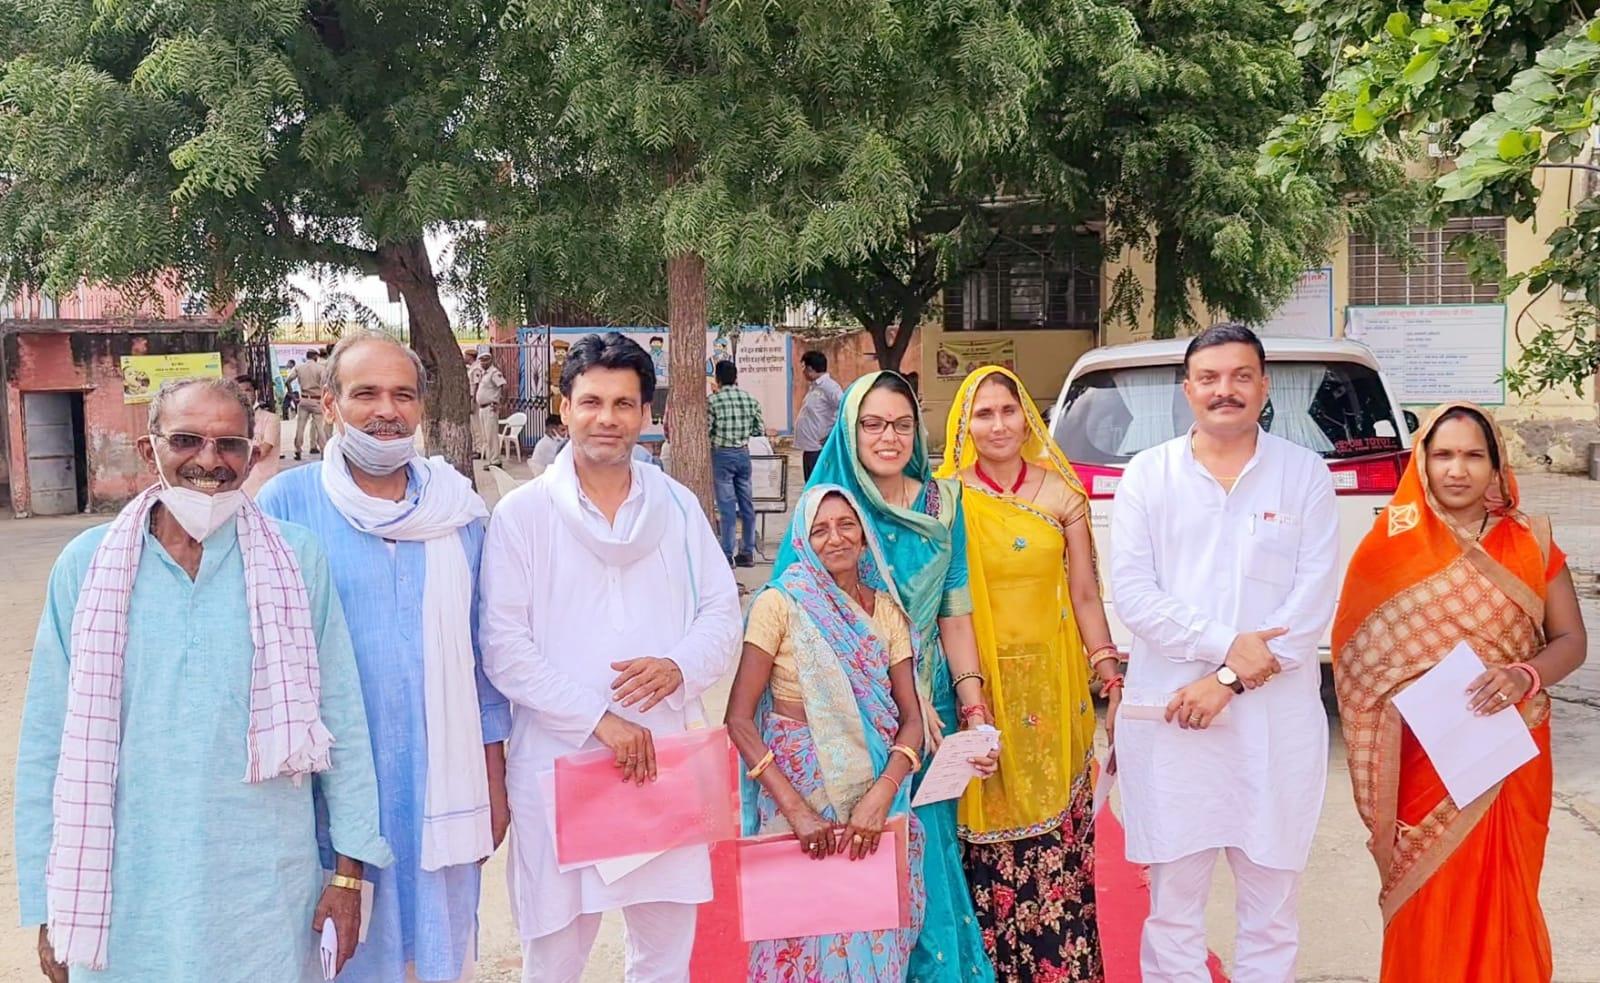 भाजपा के 6 सदस्य एक साथ वोट करने पहुंचे, लेकिन यहां भाजपा को 13 वोट मिले हैं।